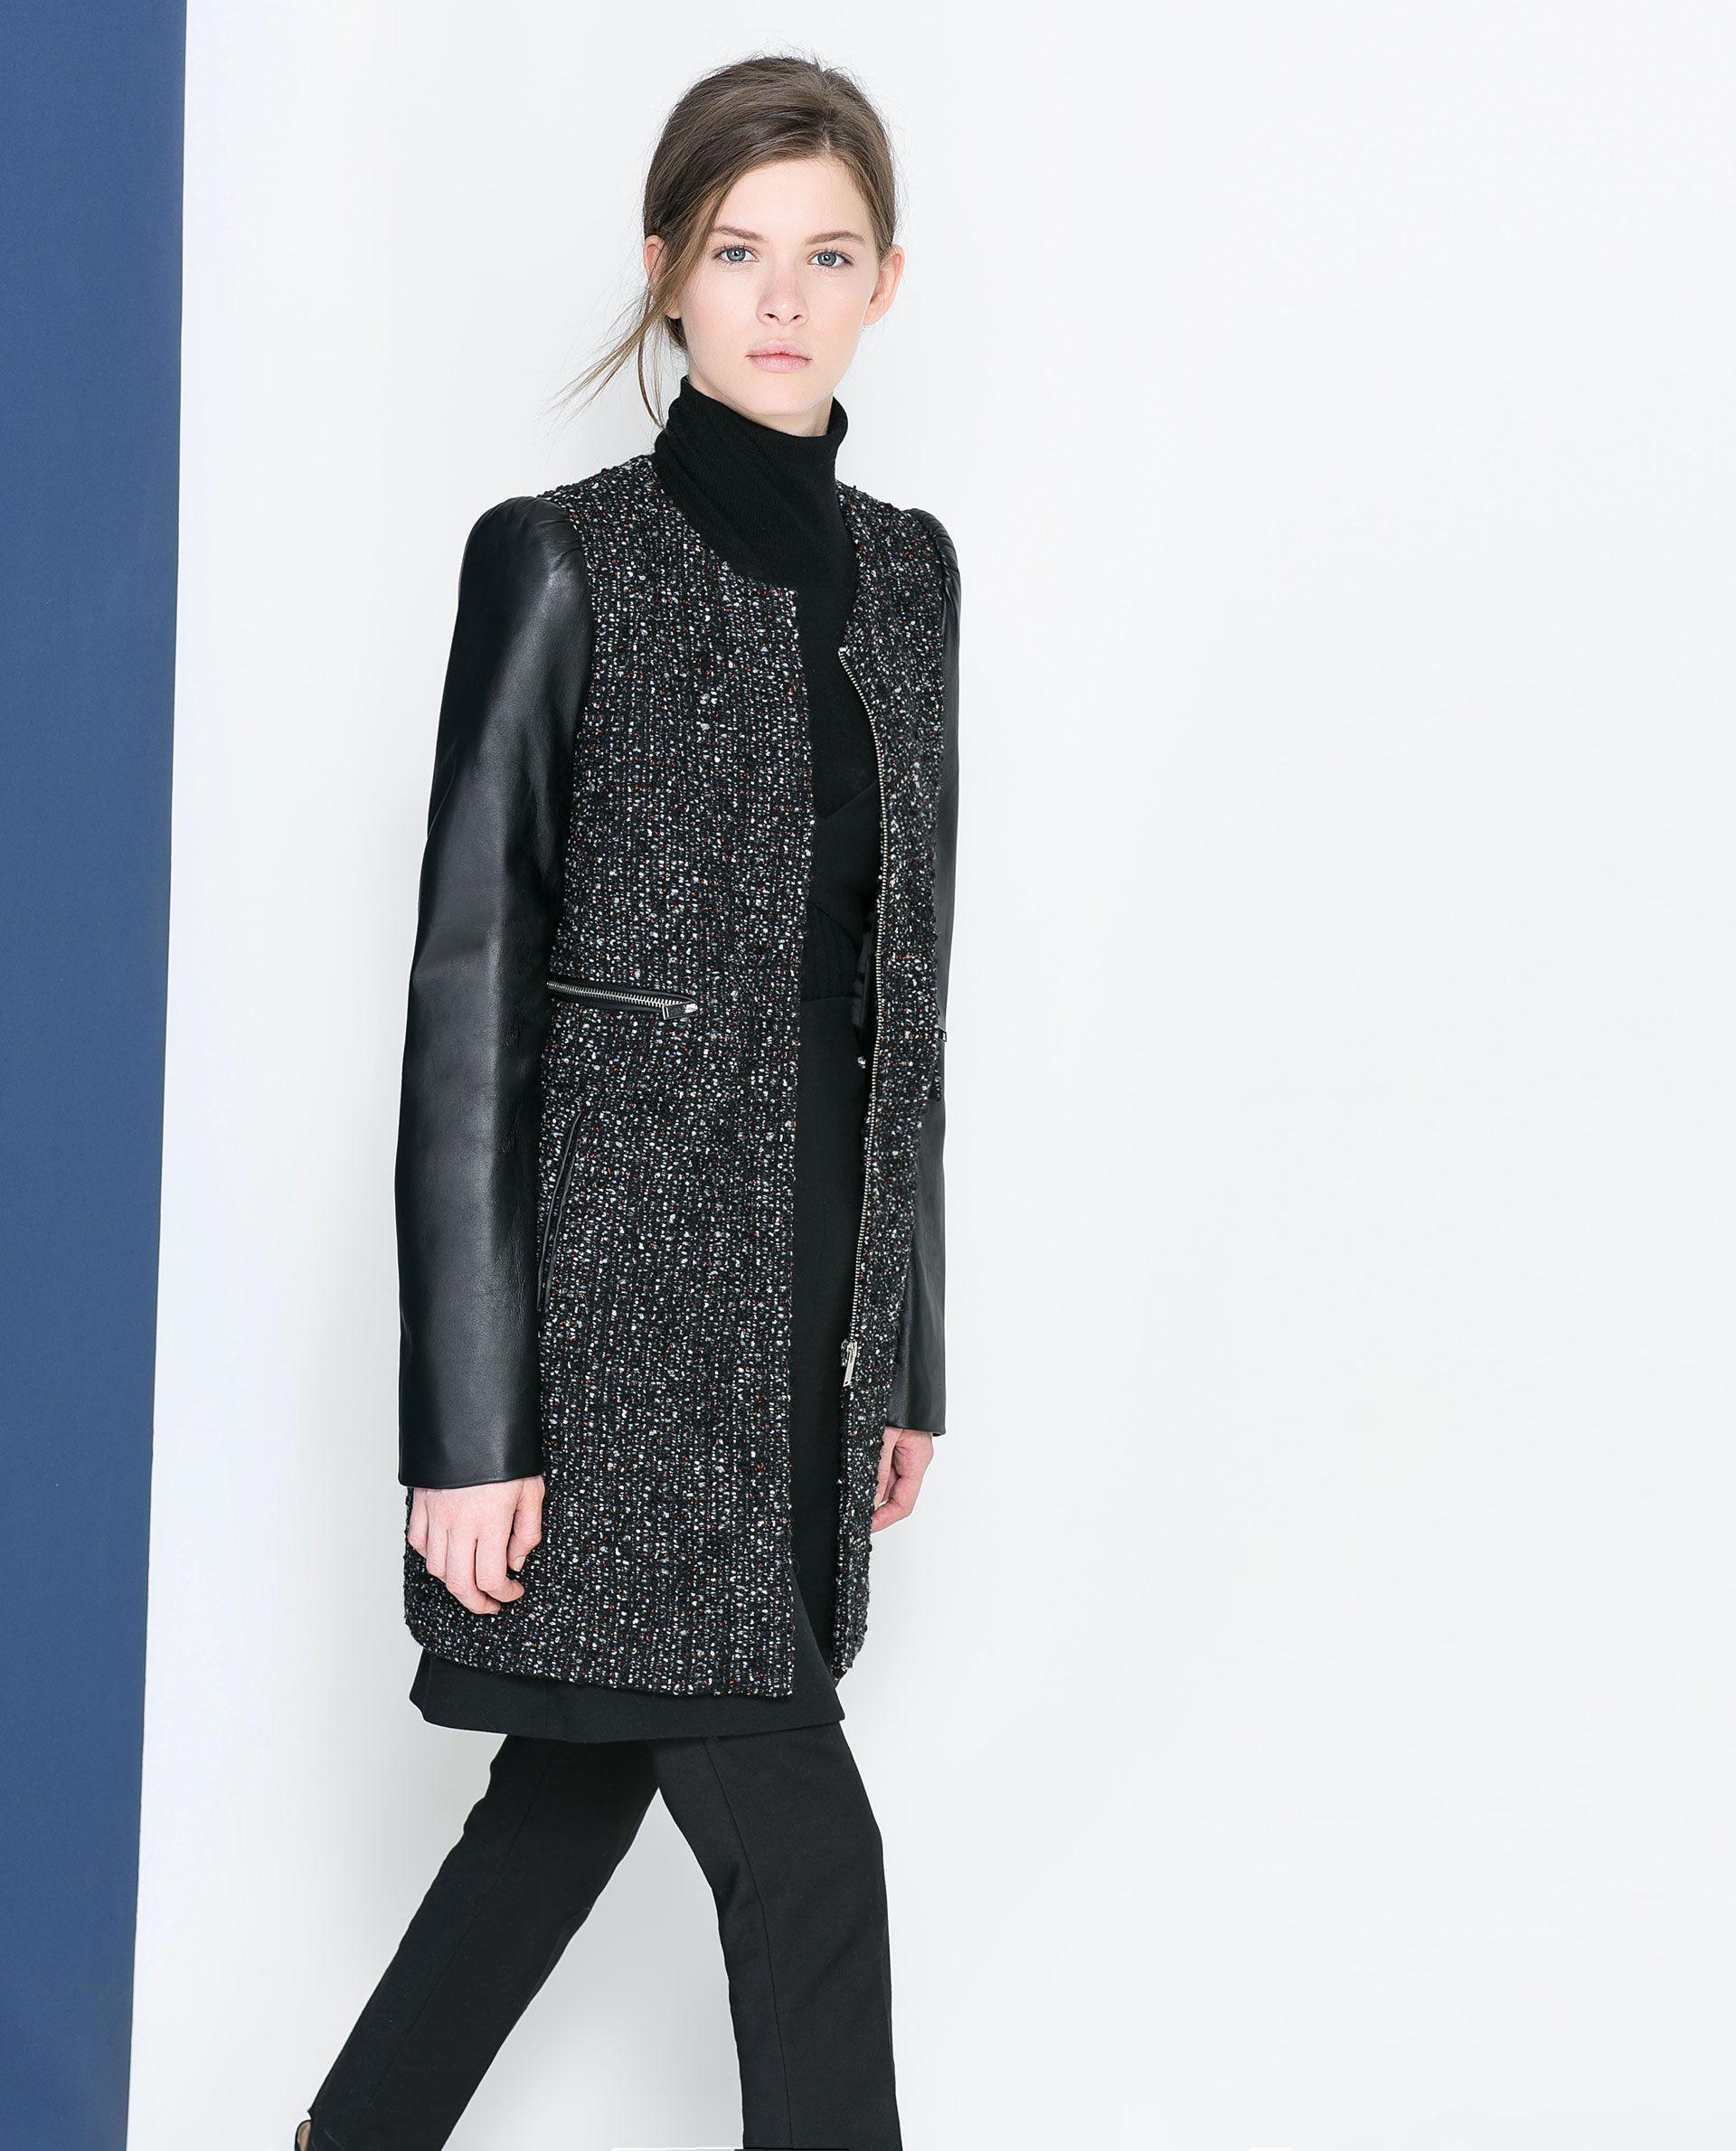 Резултат со слика за photoos of women elegant coats ZARA 2010